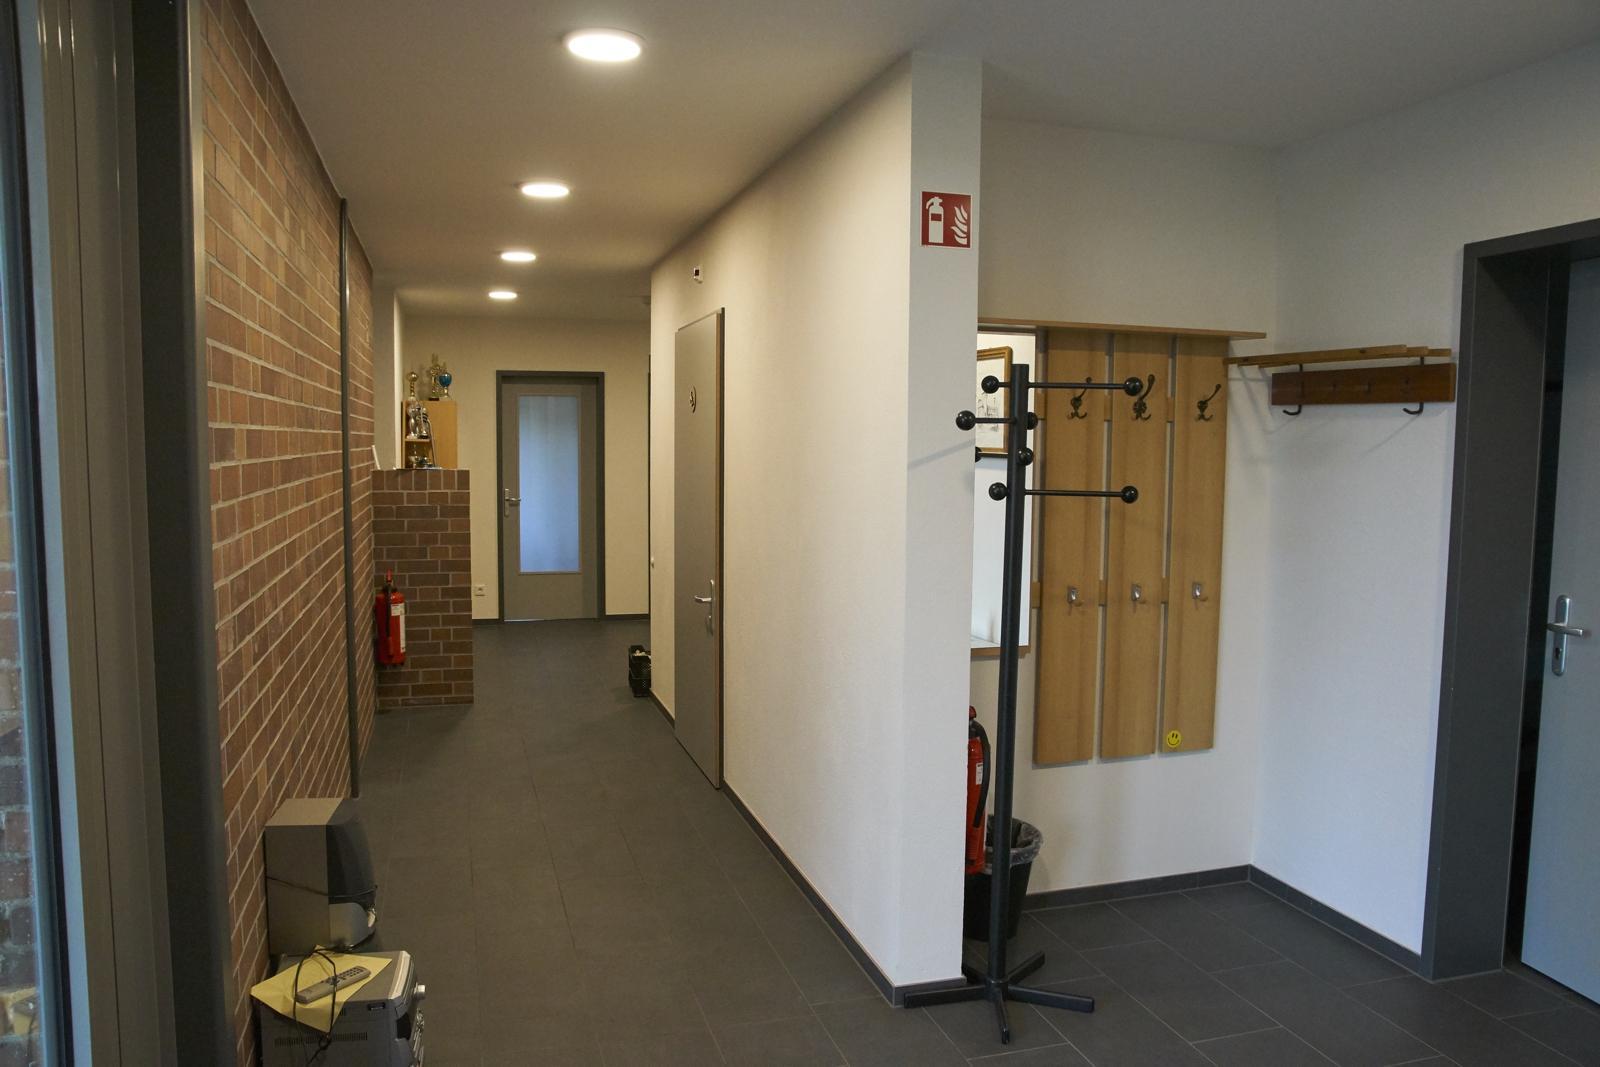 Geimeindezentrum-Lug_008